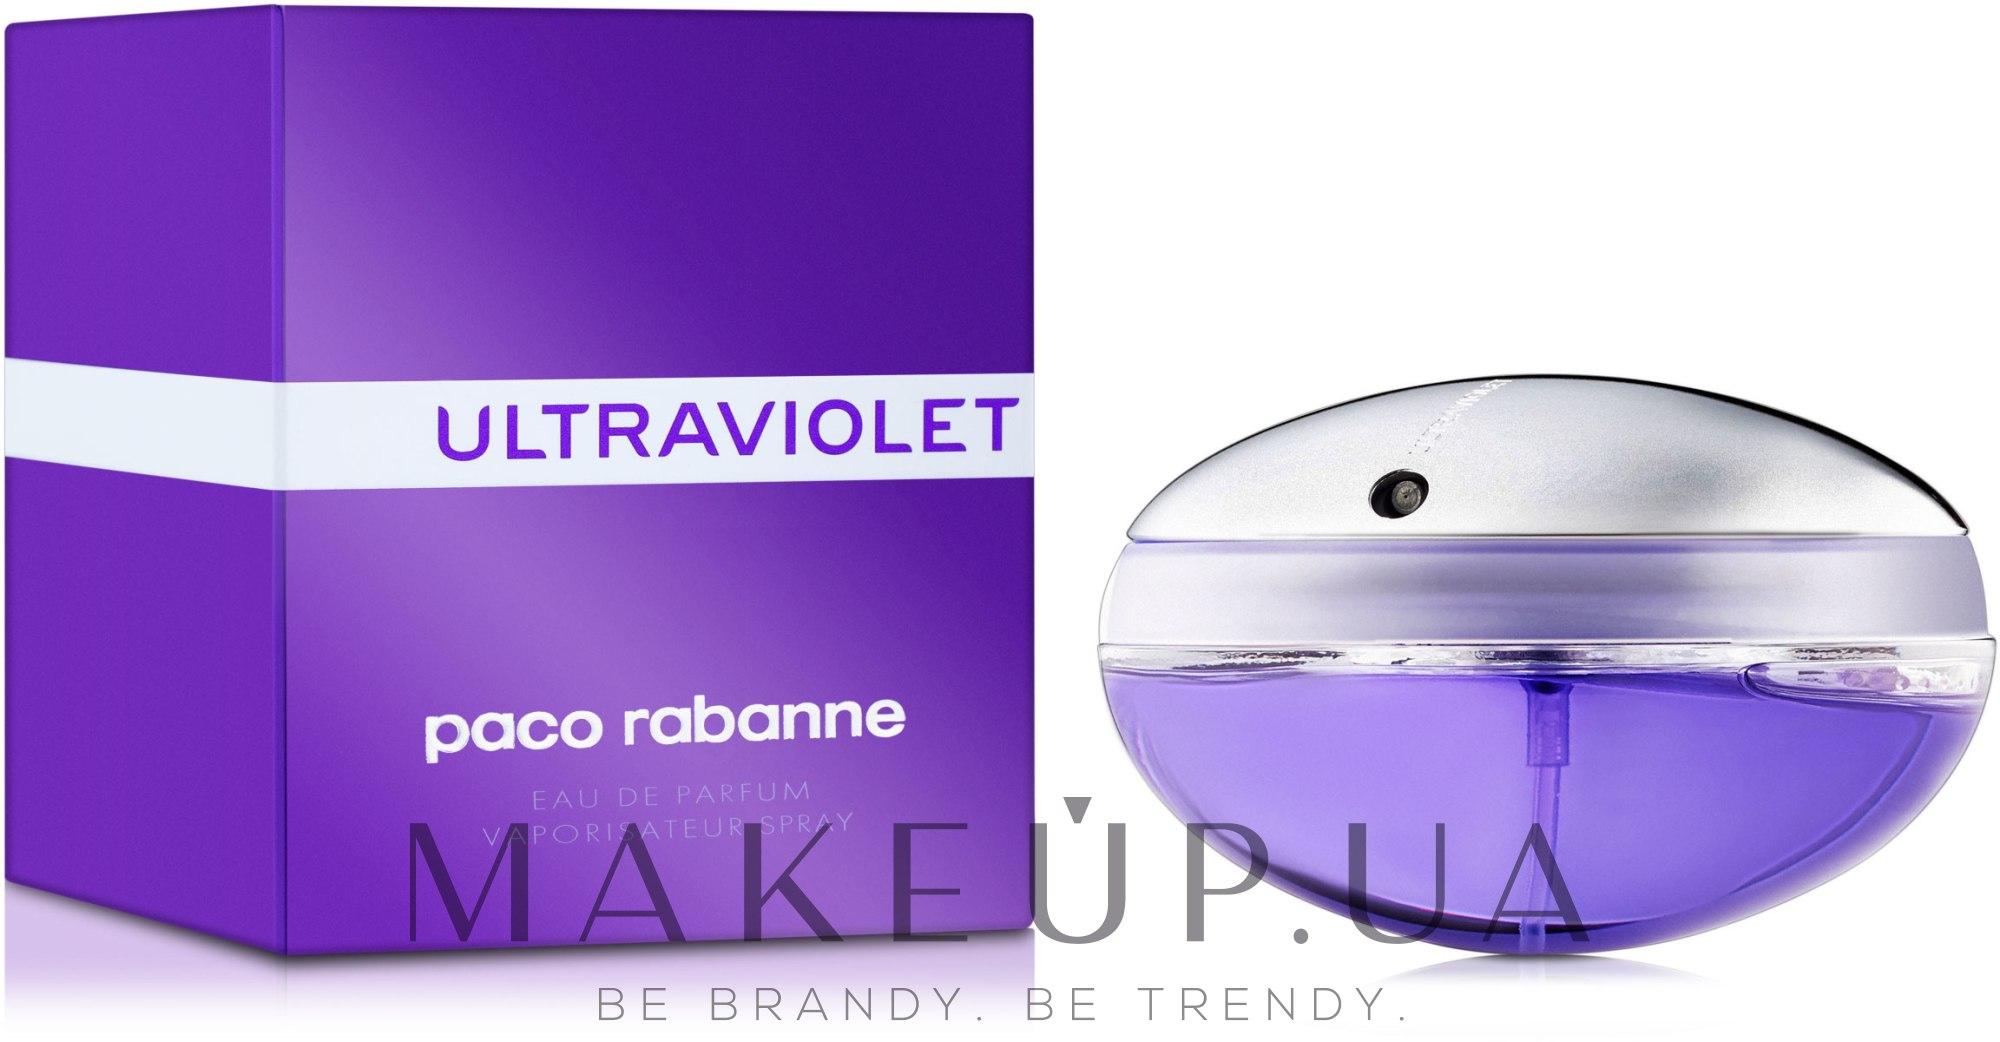 Paco Ultraviolet Paco Ultraviolet Paco Rabanne Rabanne v8Nnm0w